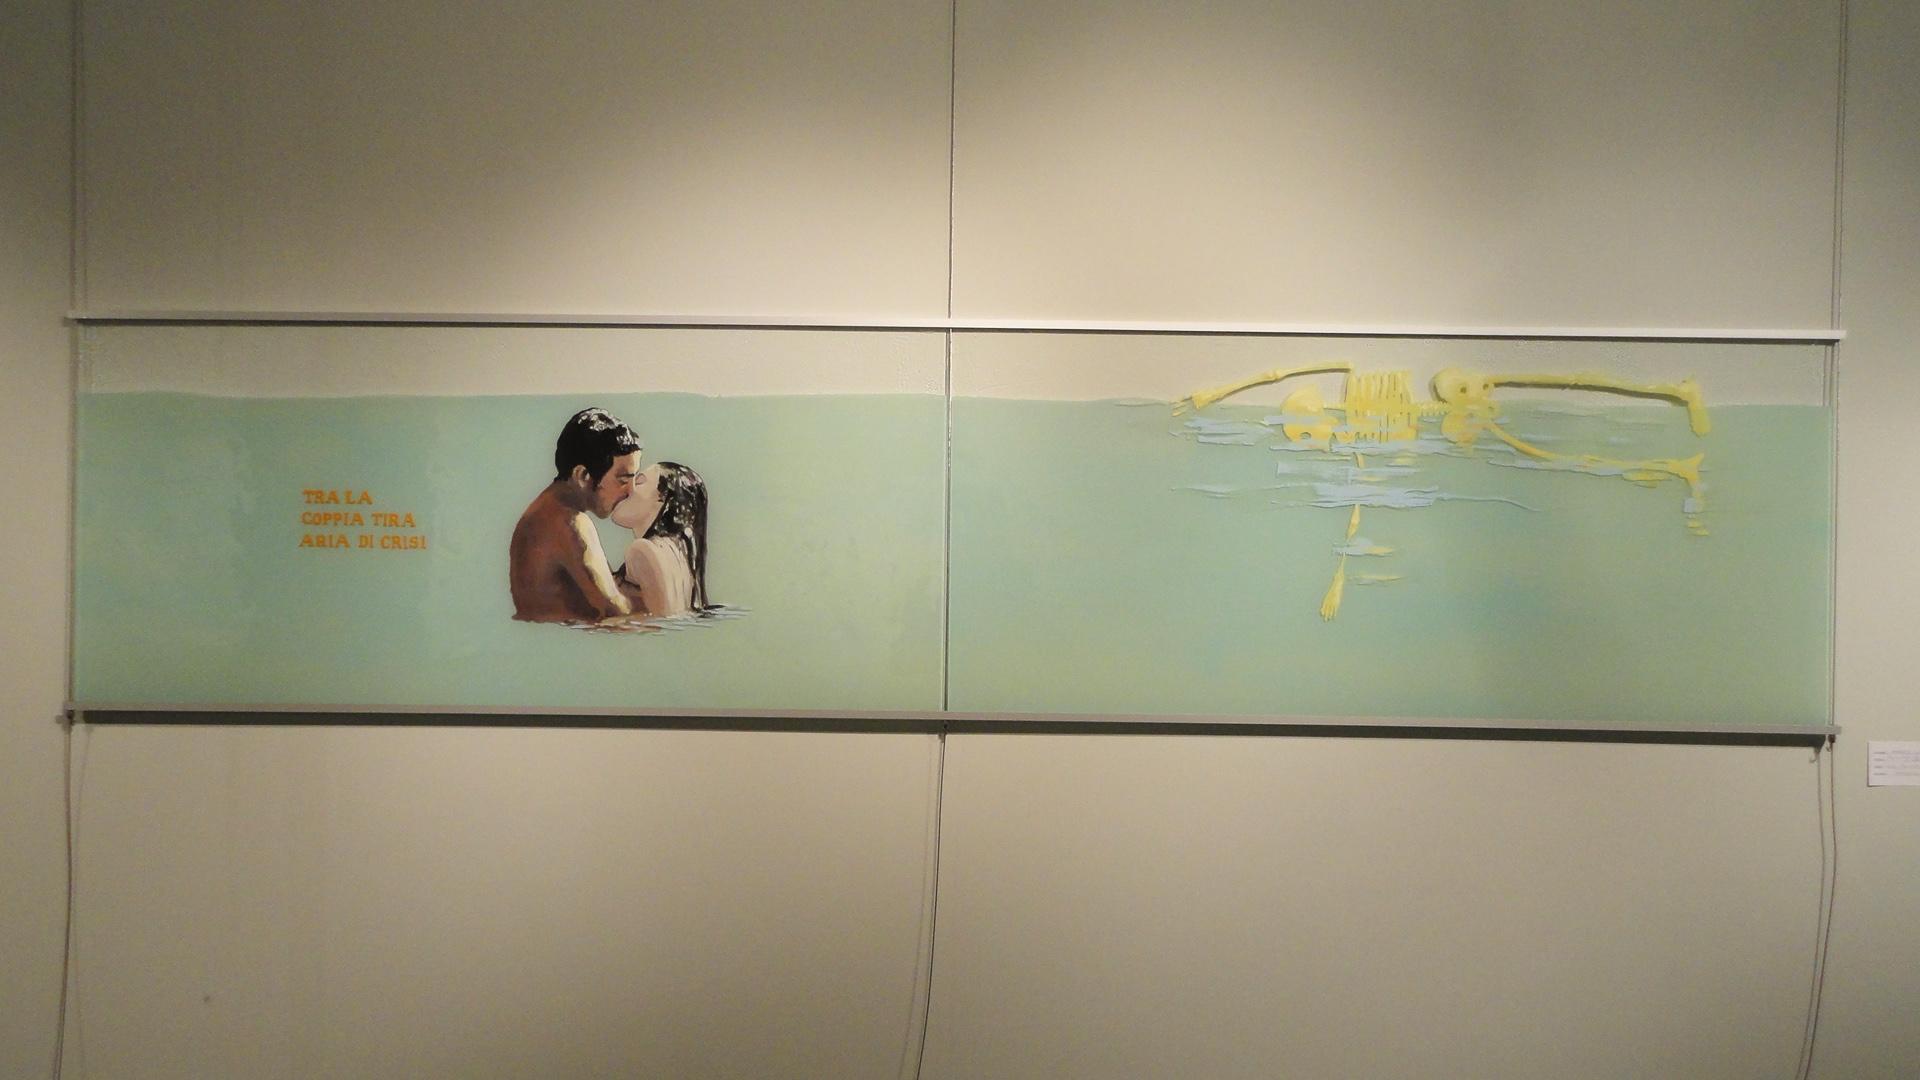 """""""Tra la coppia tira aria di crisi"""" 2011"""